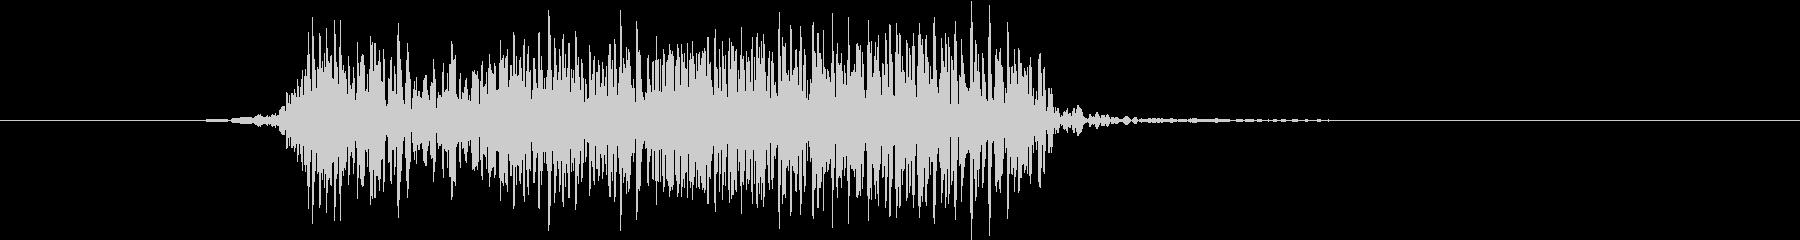 火炎放射器 ショートヘビーシングル01の未再生の波形